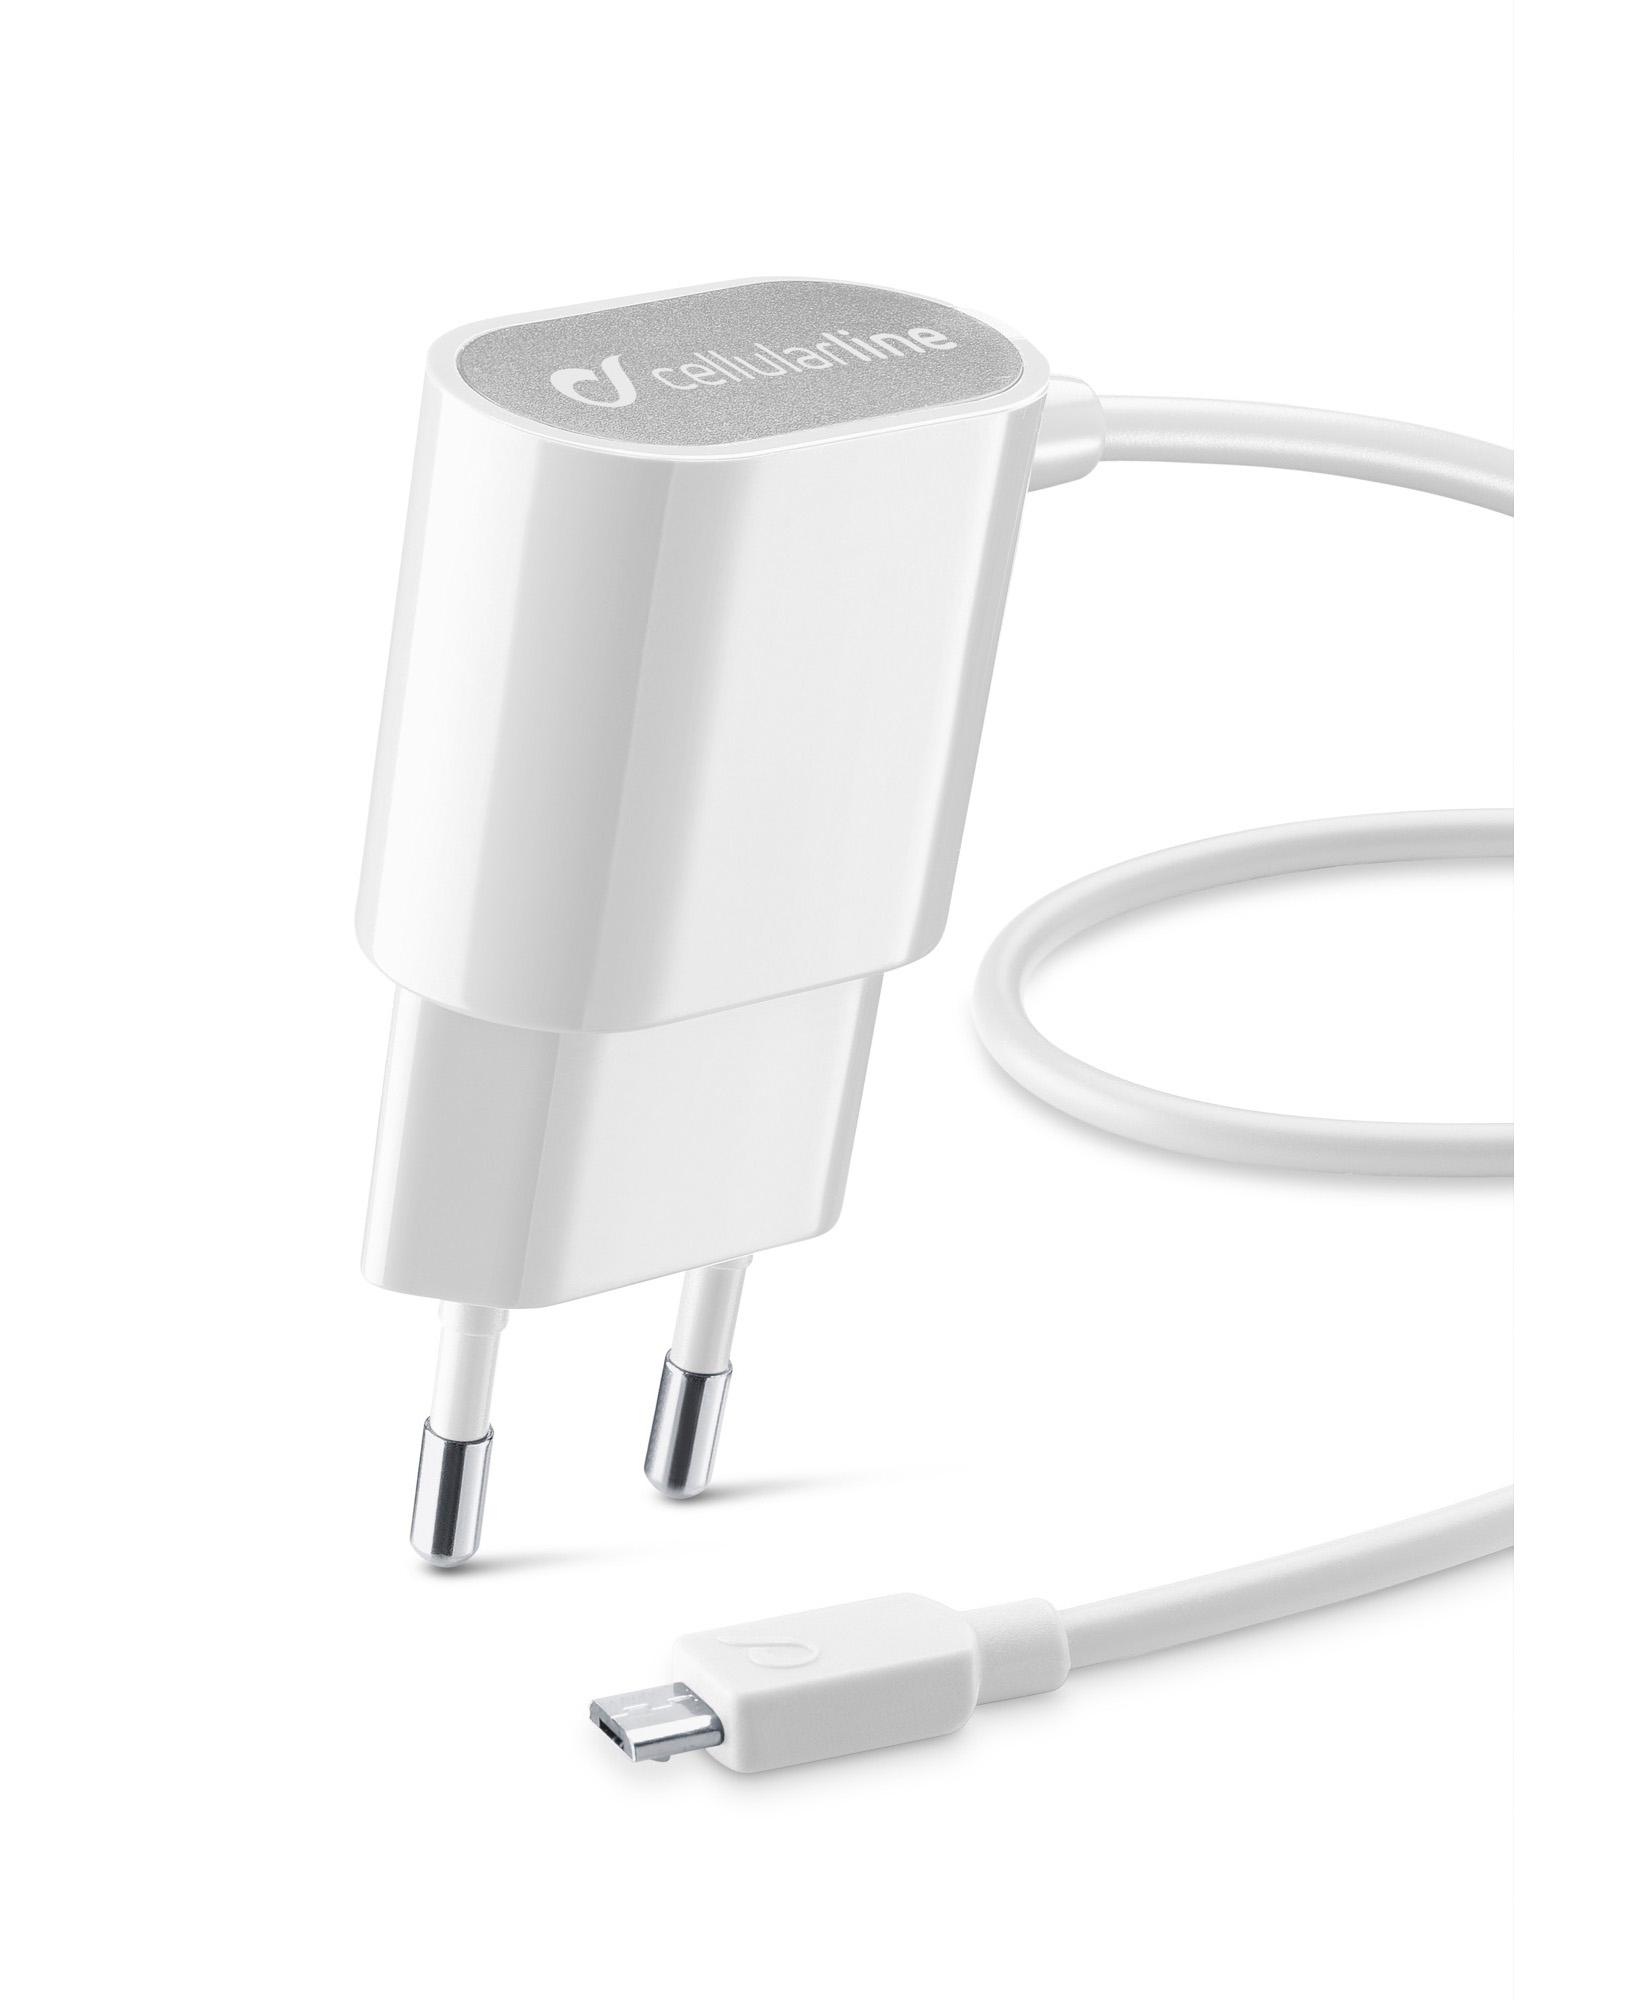 Cellularline Charger #Stylecolor - Micro USB Caricabatterie da rete colorato Bianco